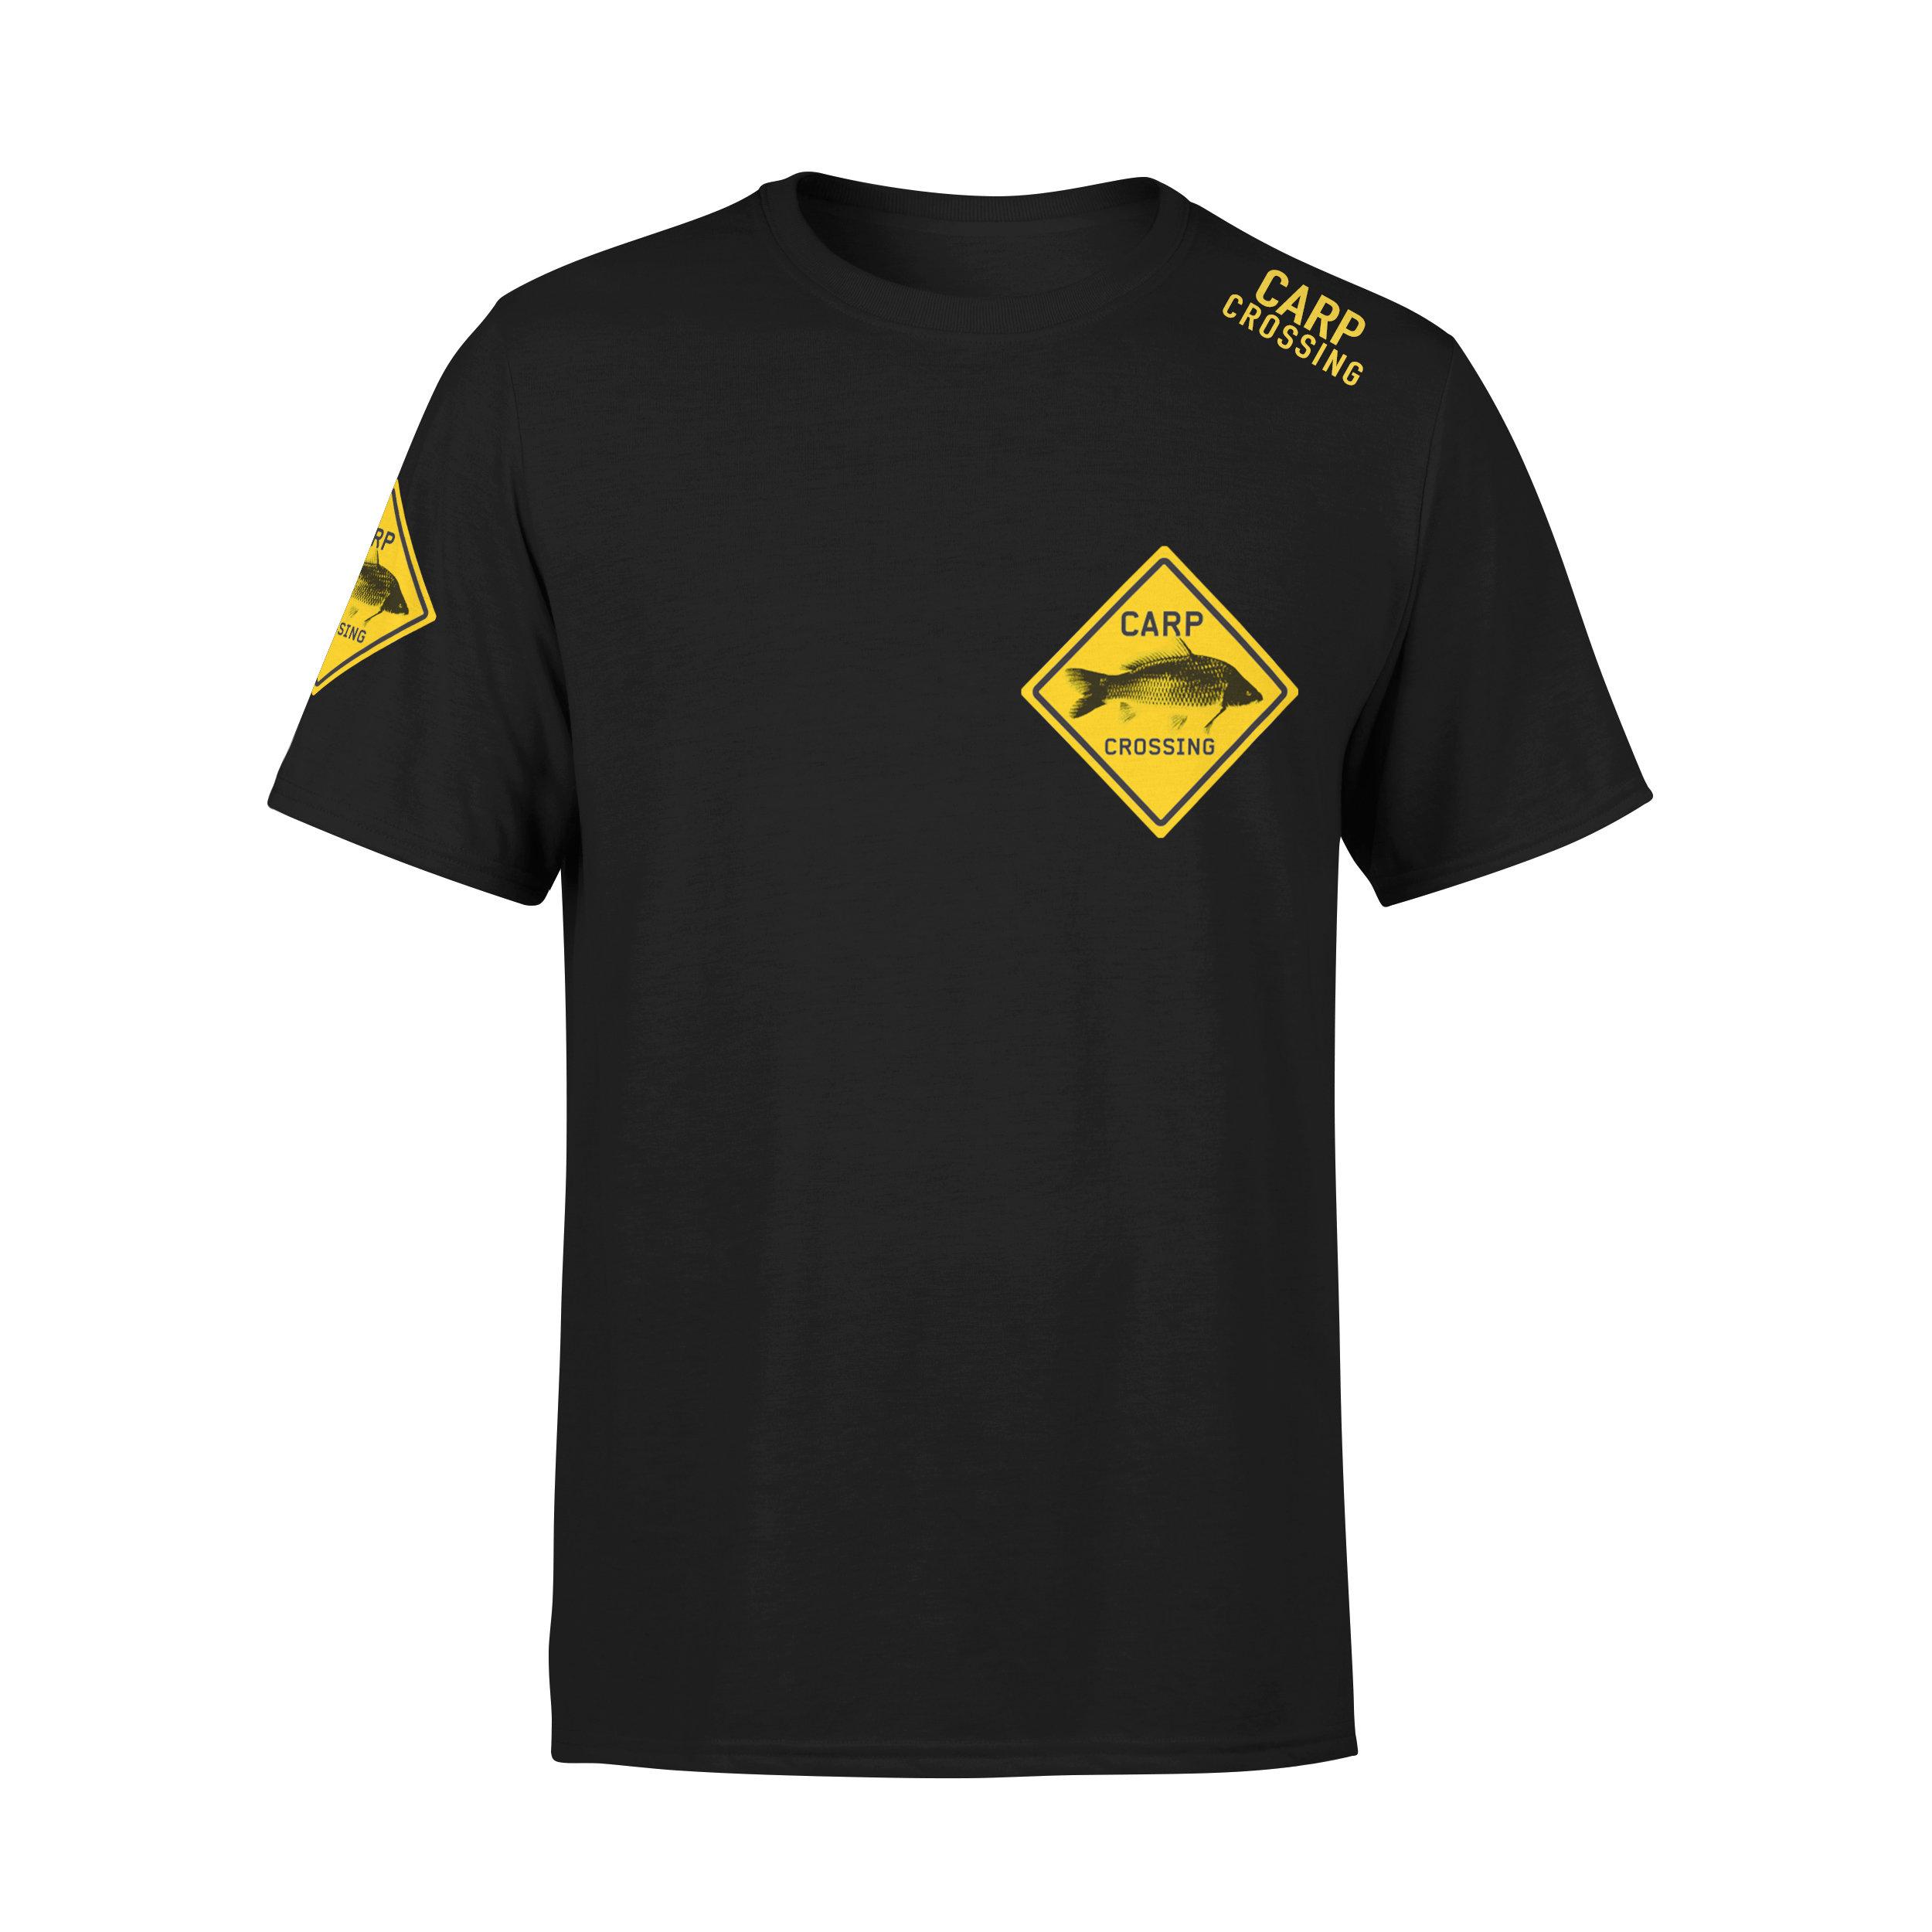 Carpcrossing Classic Carp T-shirt Black Kids CC00022